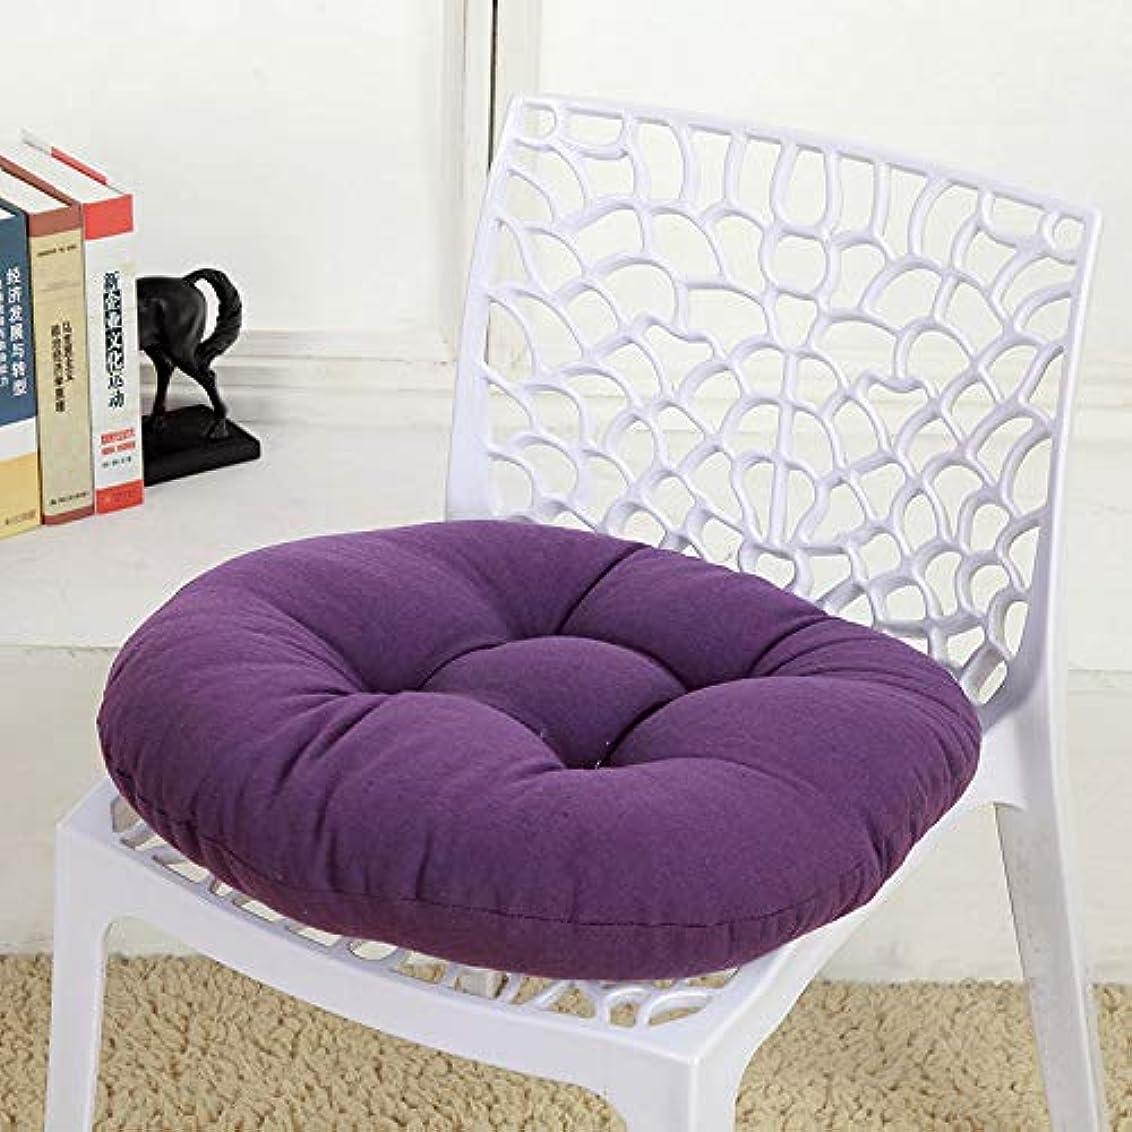 マウスピース飢素朴なLIFE キャンディカラーのクッションラウンドシートクッション波ウィンドウシートクッションクッション家の装飾パッドラウンド枕シート枕椅子座る枕 クッション 椅子